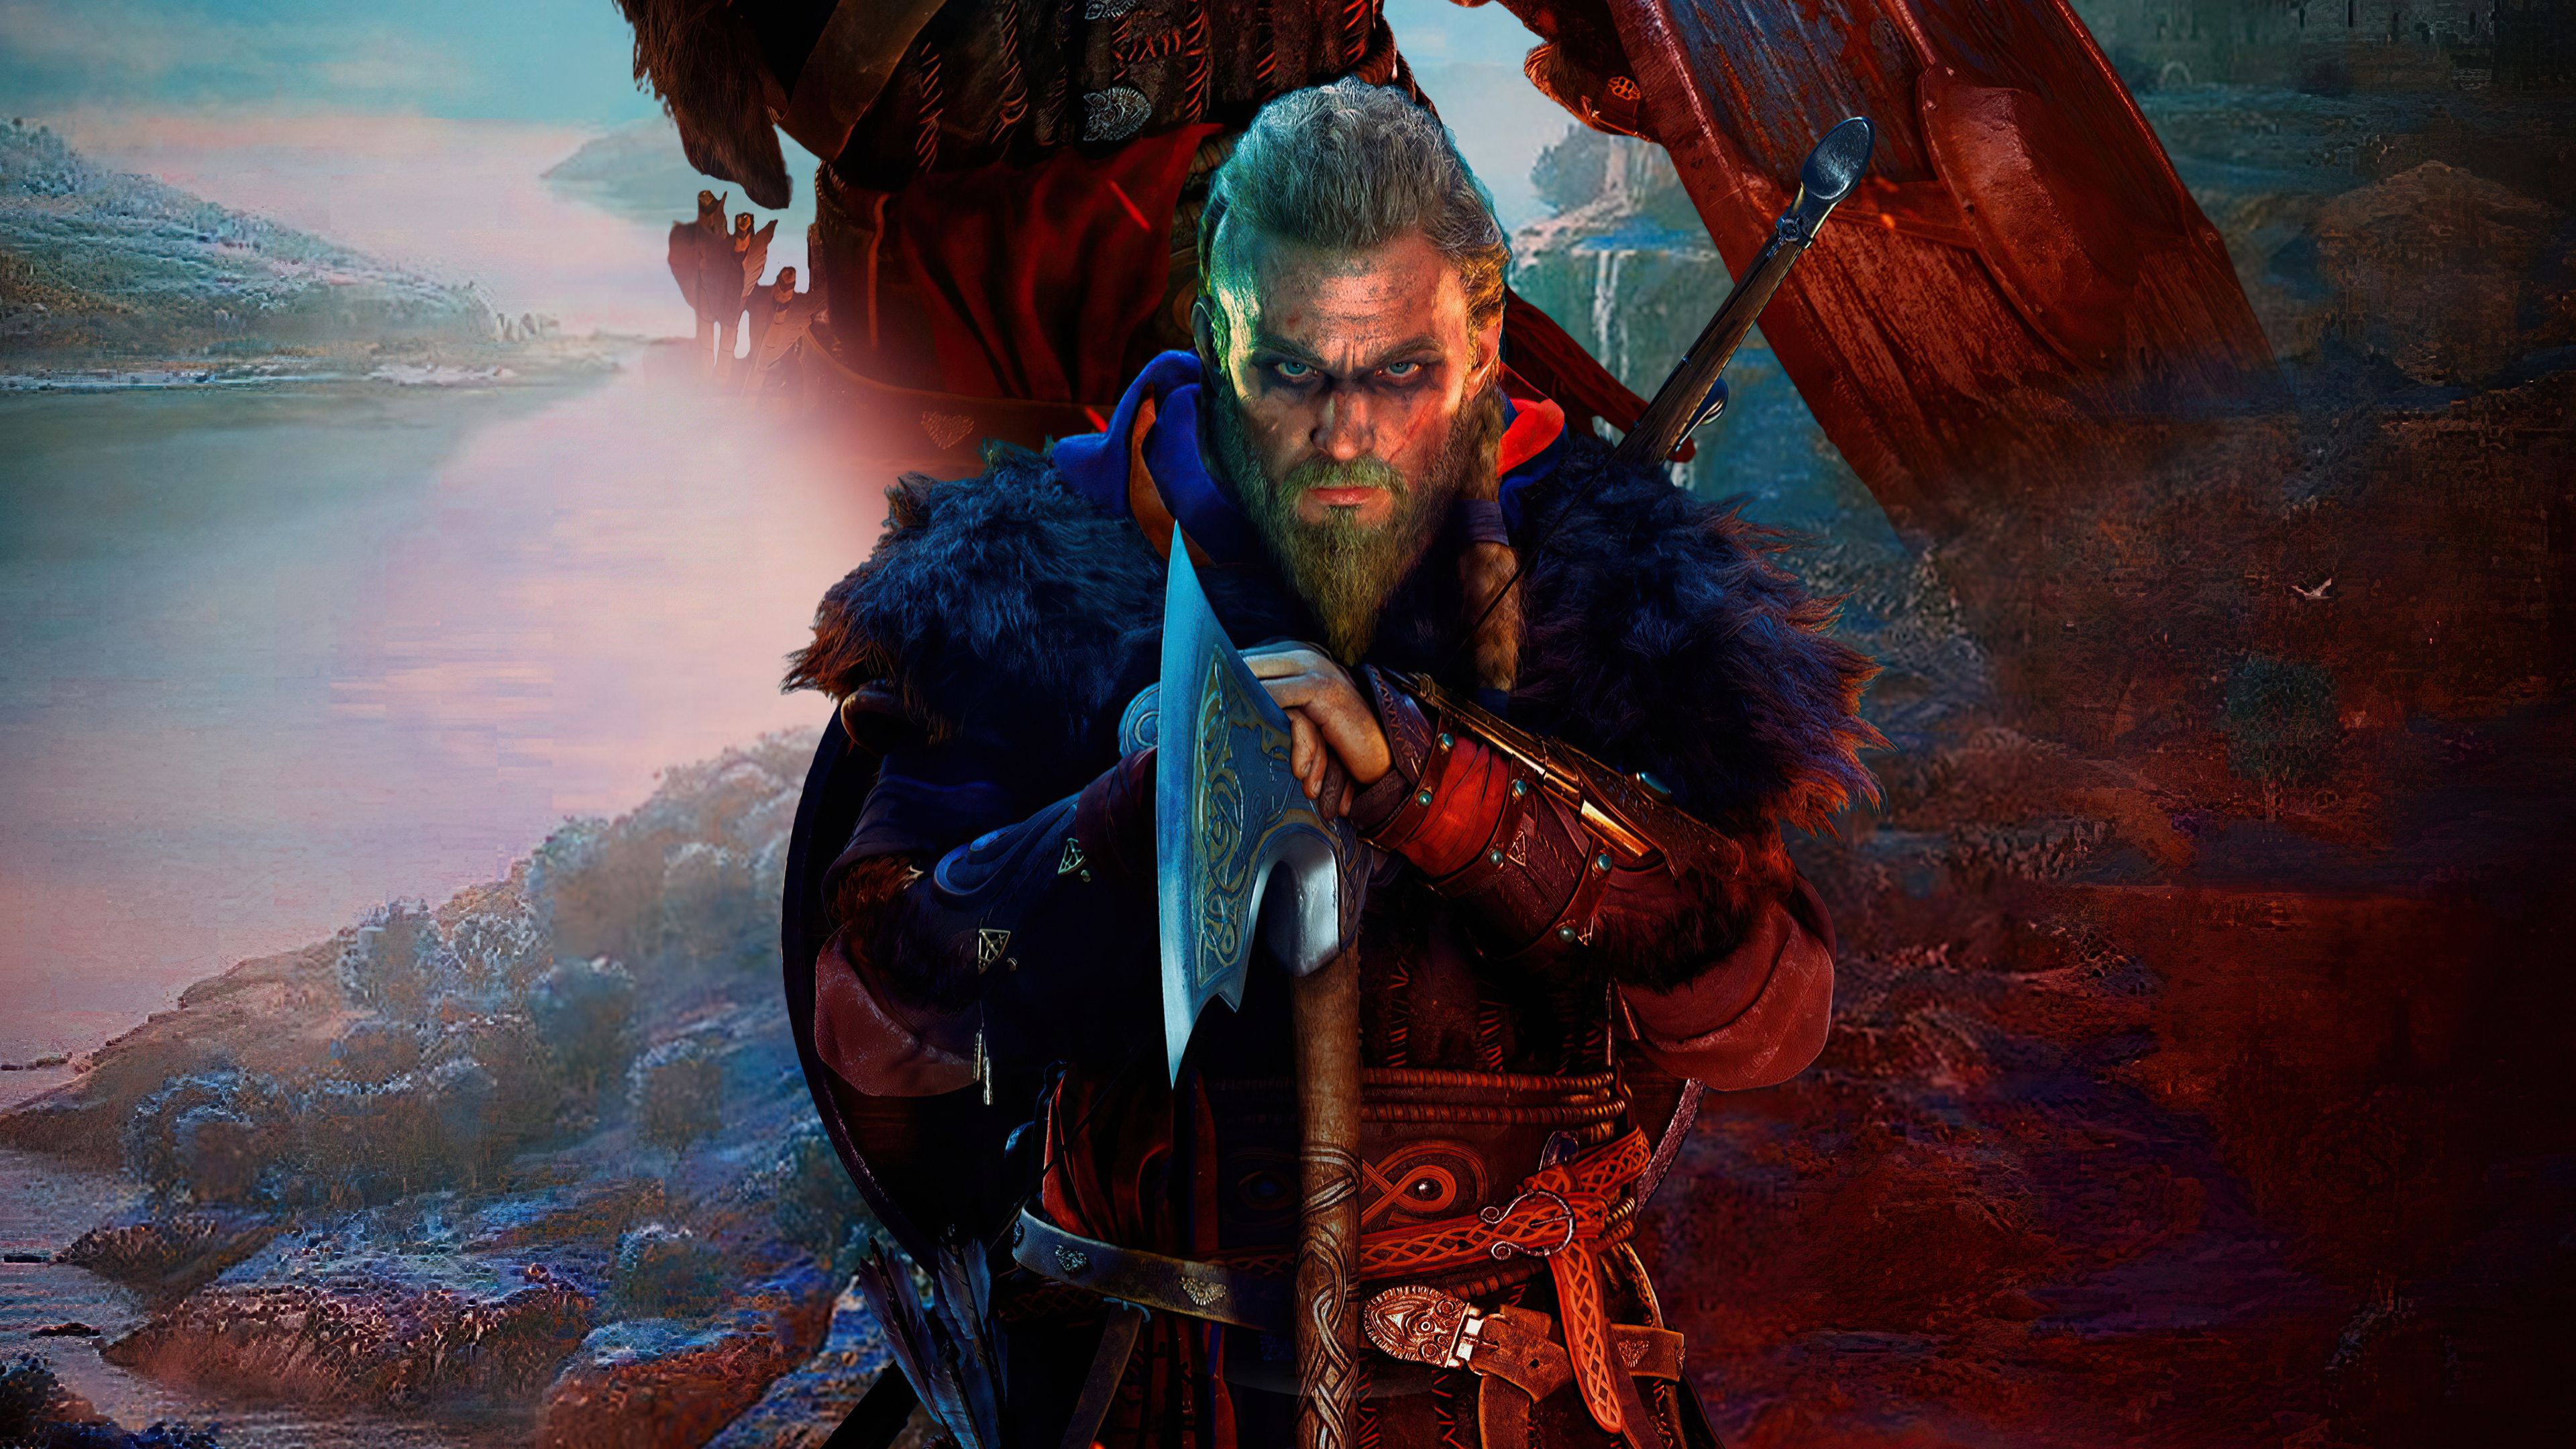 Fondos de pantalla Assassins Creed Valhalla PS5 2021